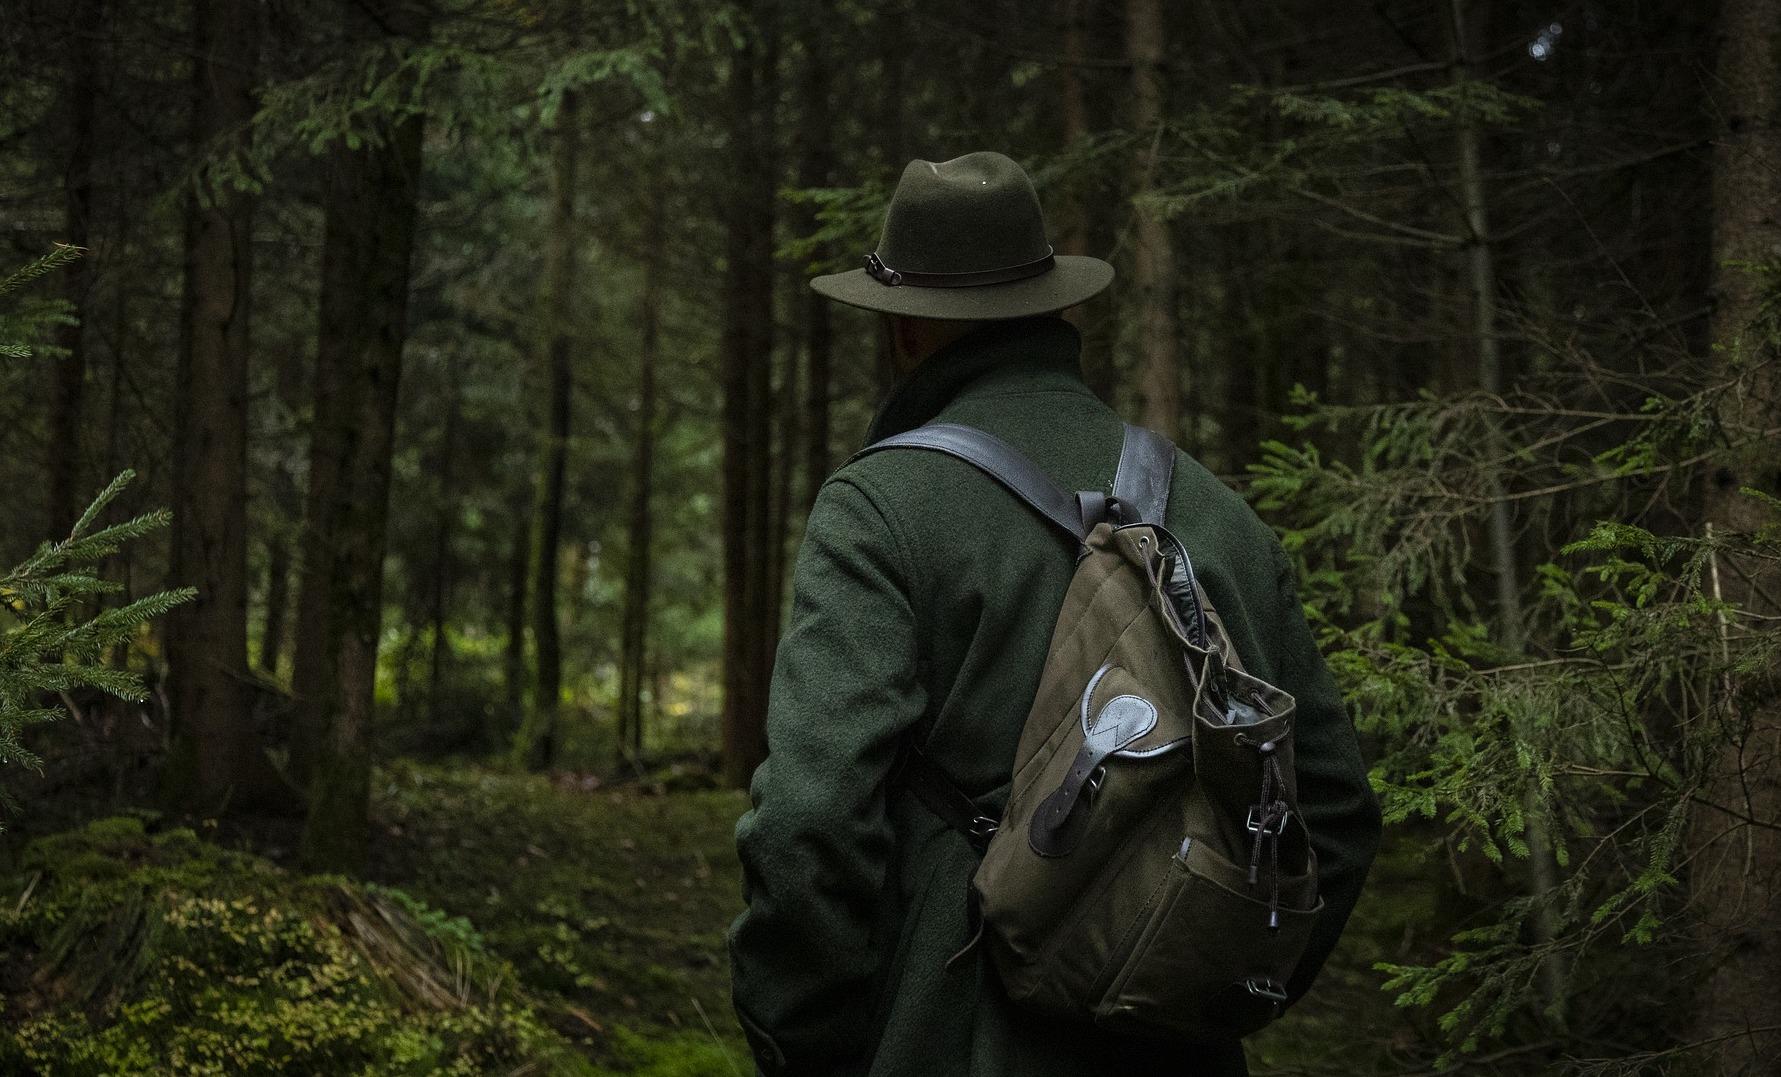 Polizei ermittelt: Betrunkene Jäger ballern im Wald